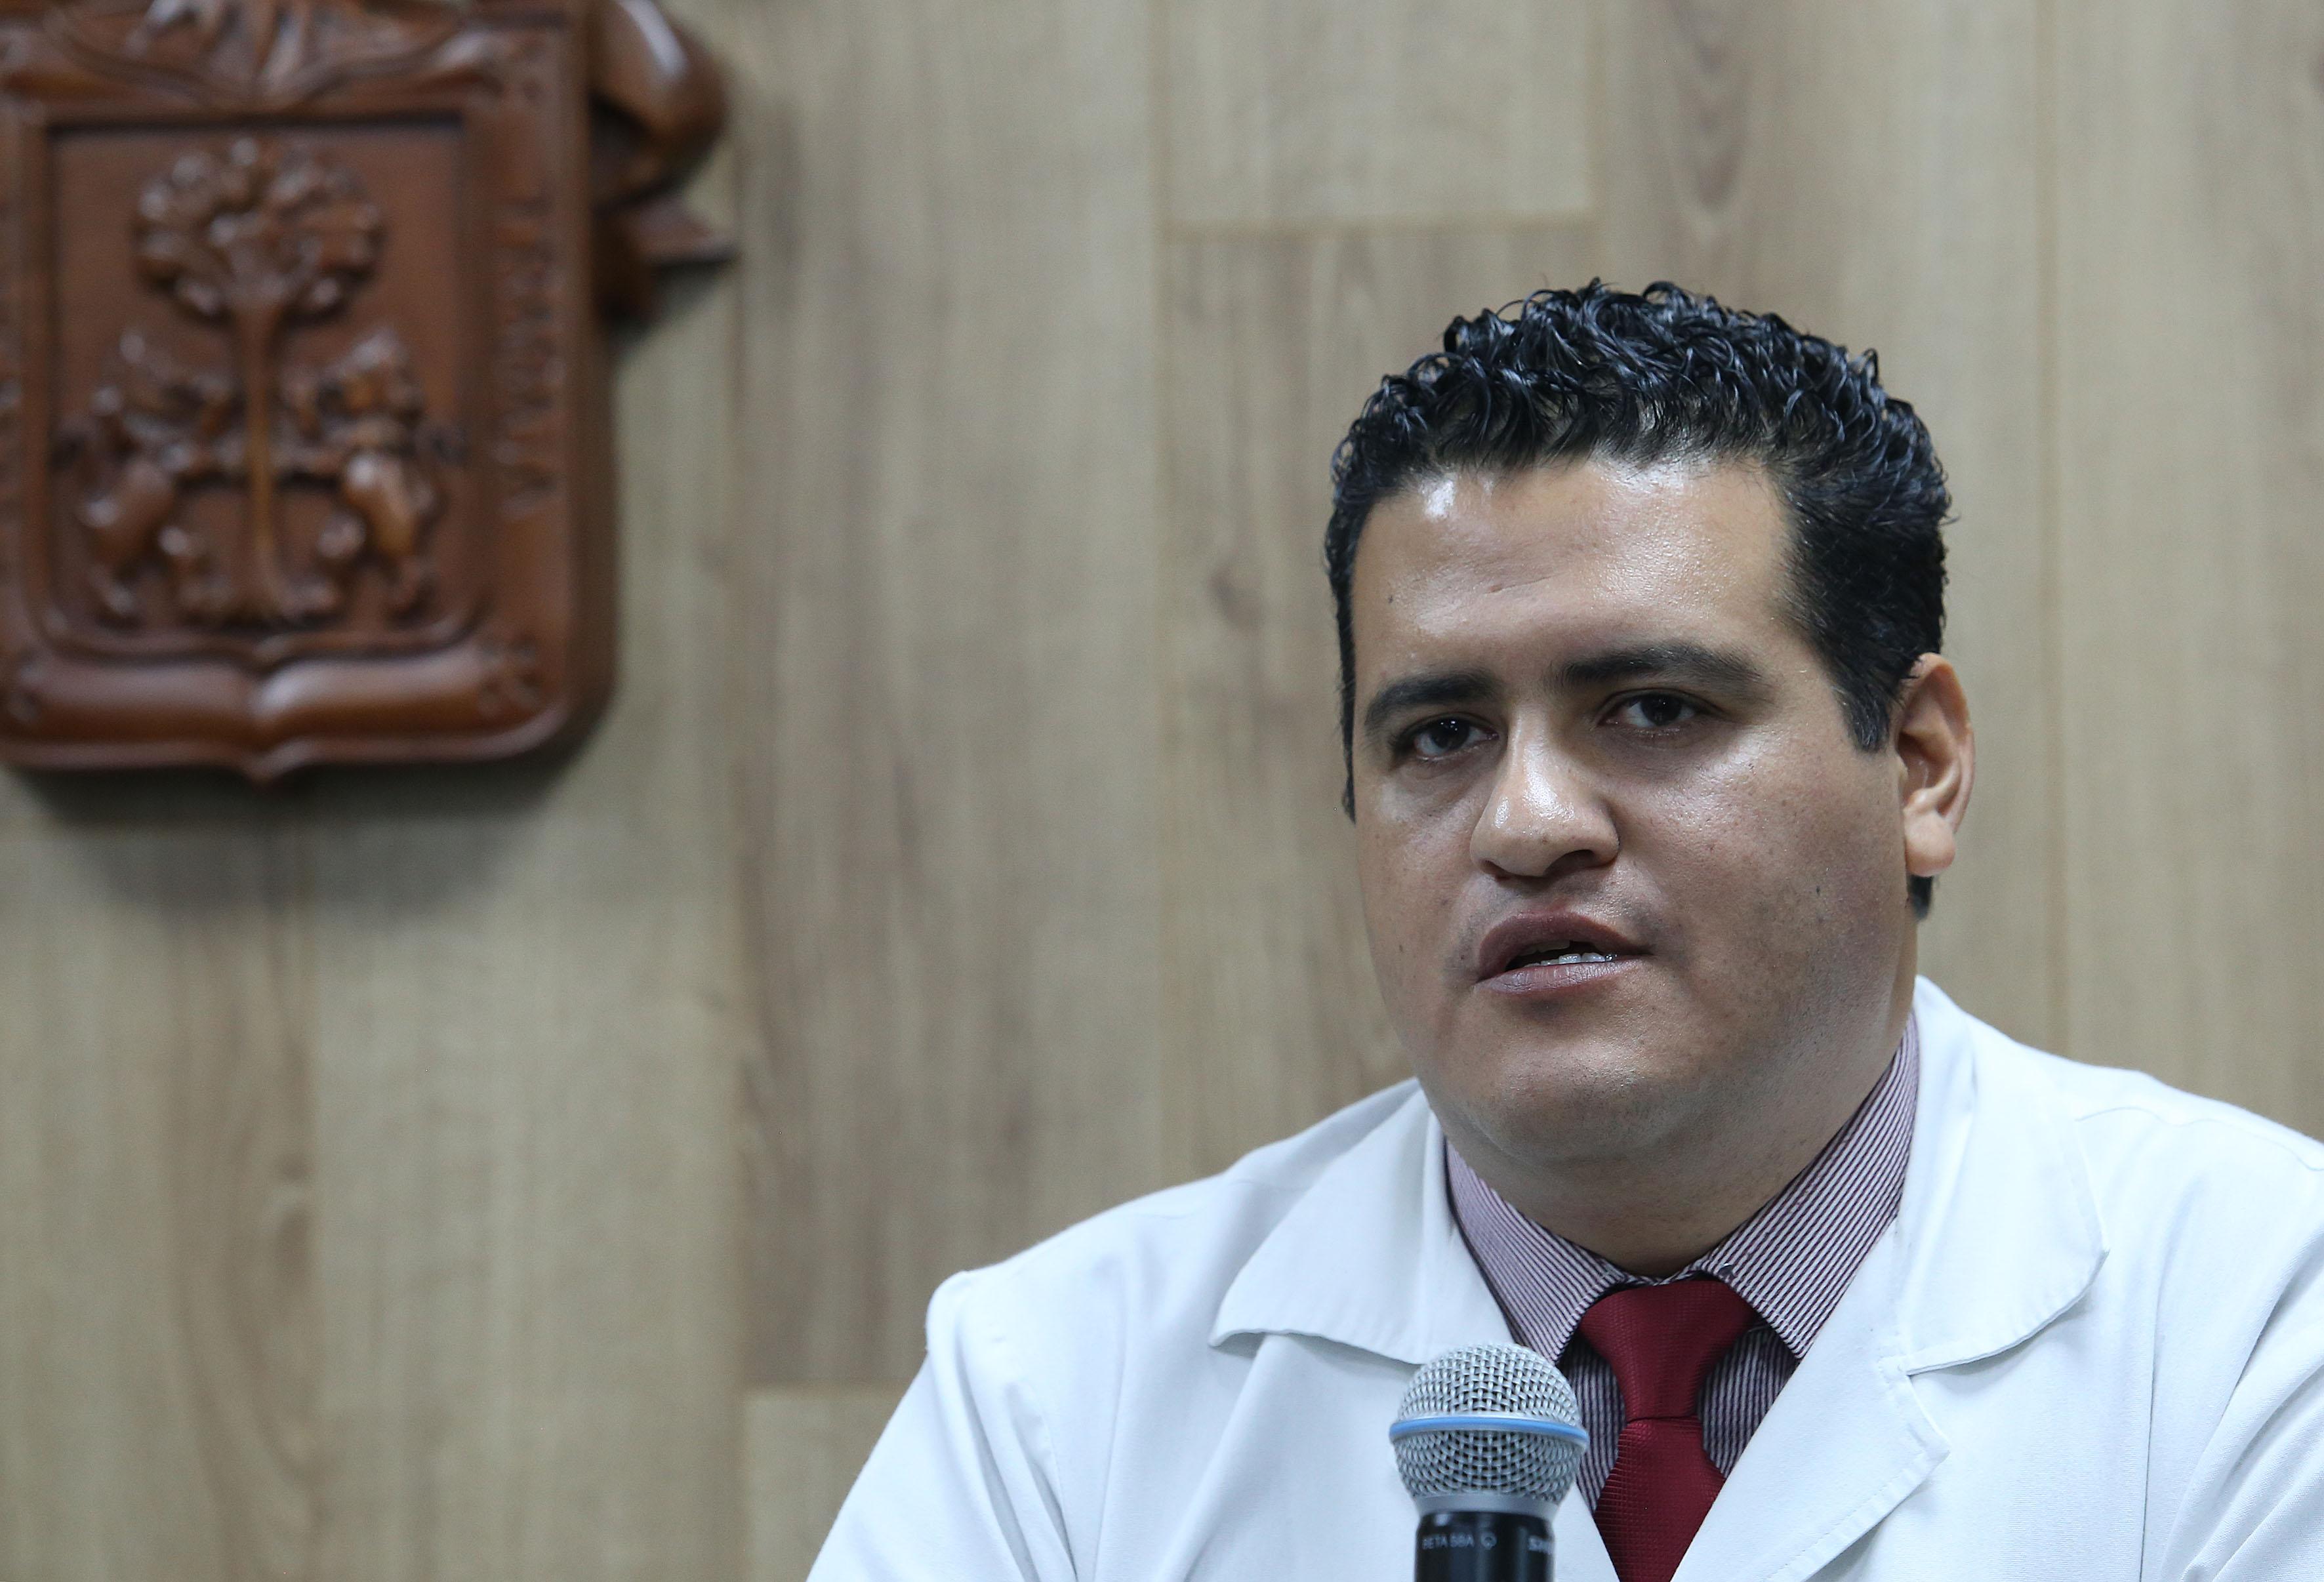 Foto individual del Dr. Iván Contreras